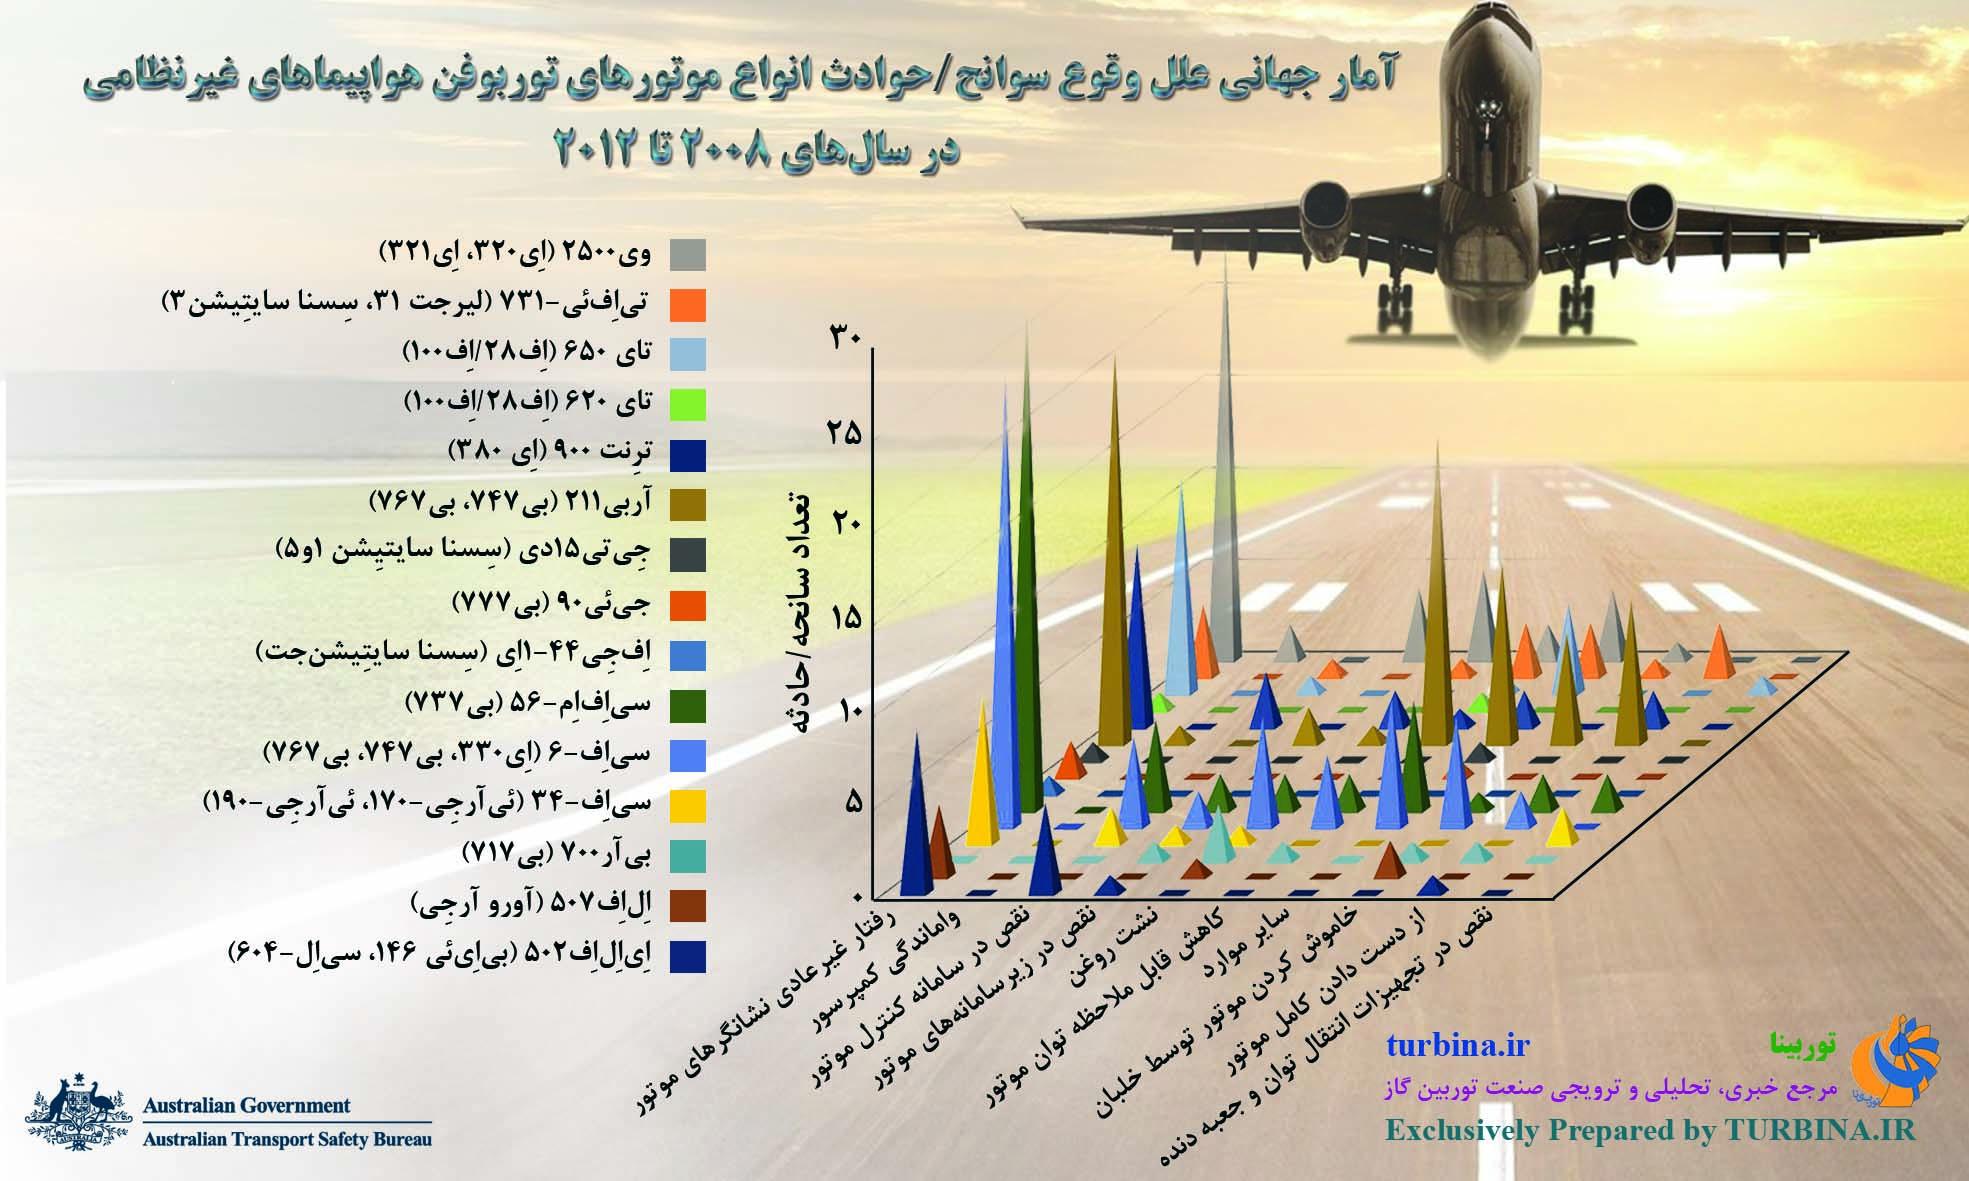 آمار جهانی علل وقوع سوانح/حوادث انواع موتورهای توربوفن غیرنظامی در سالهای 2008 تا 2012